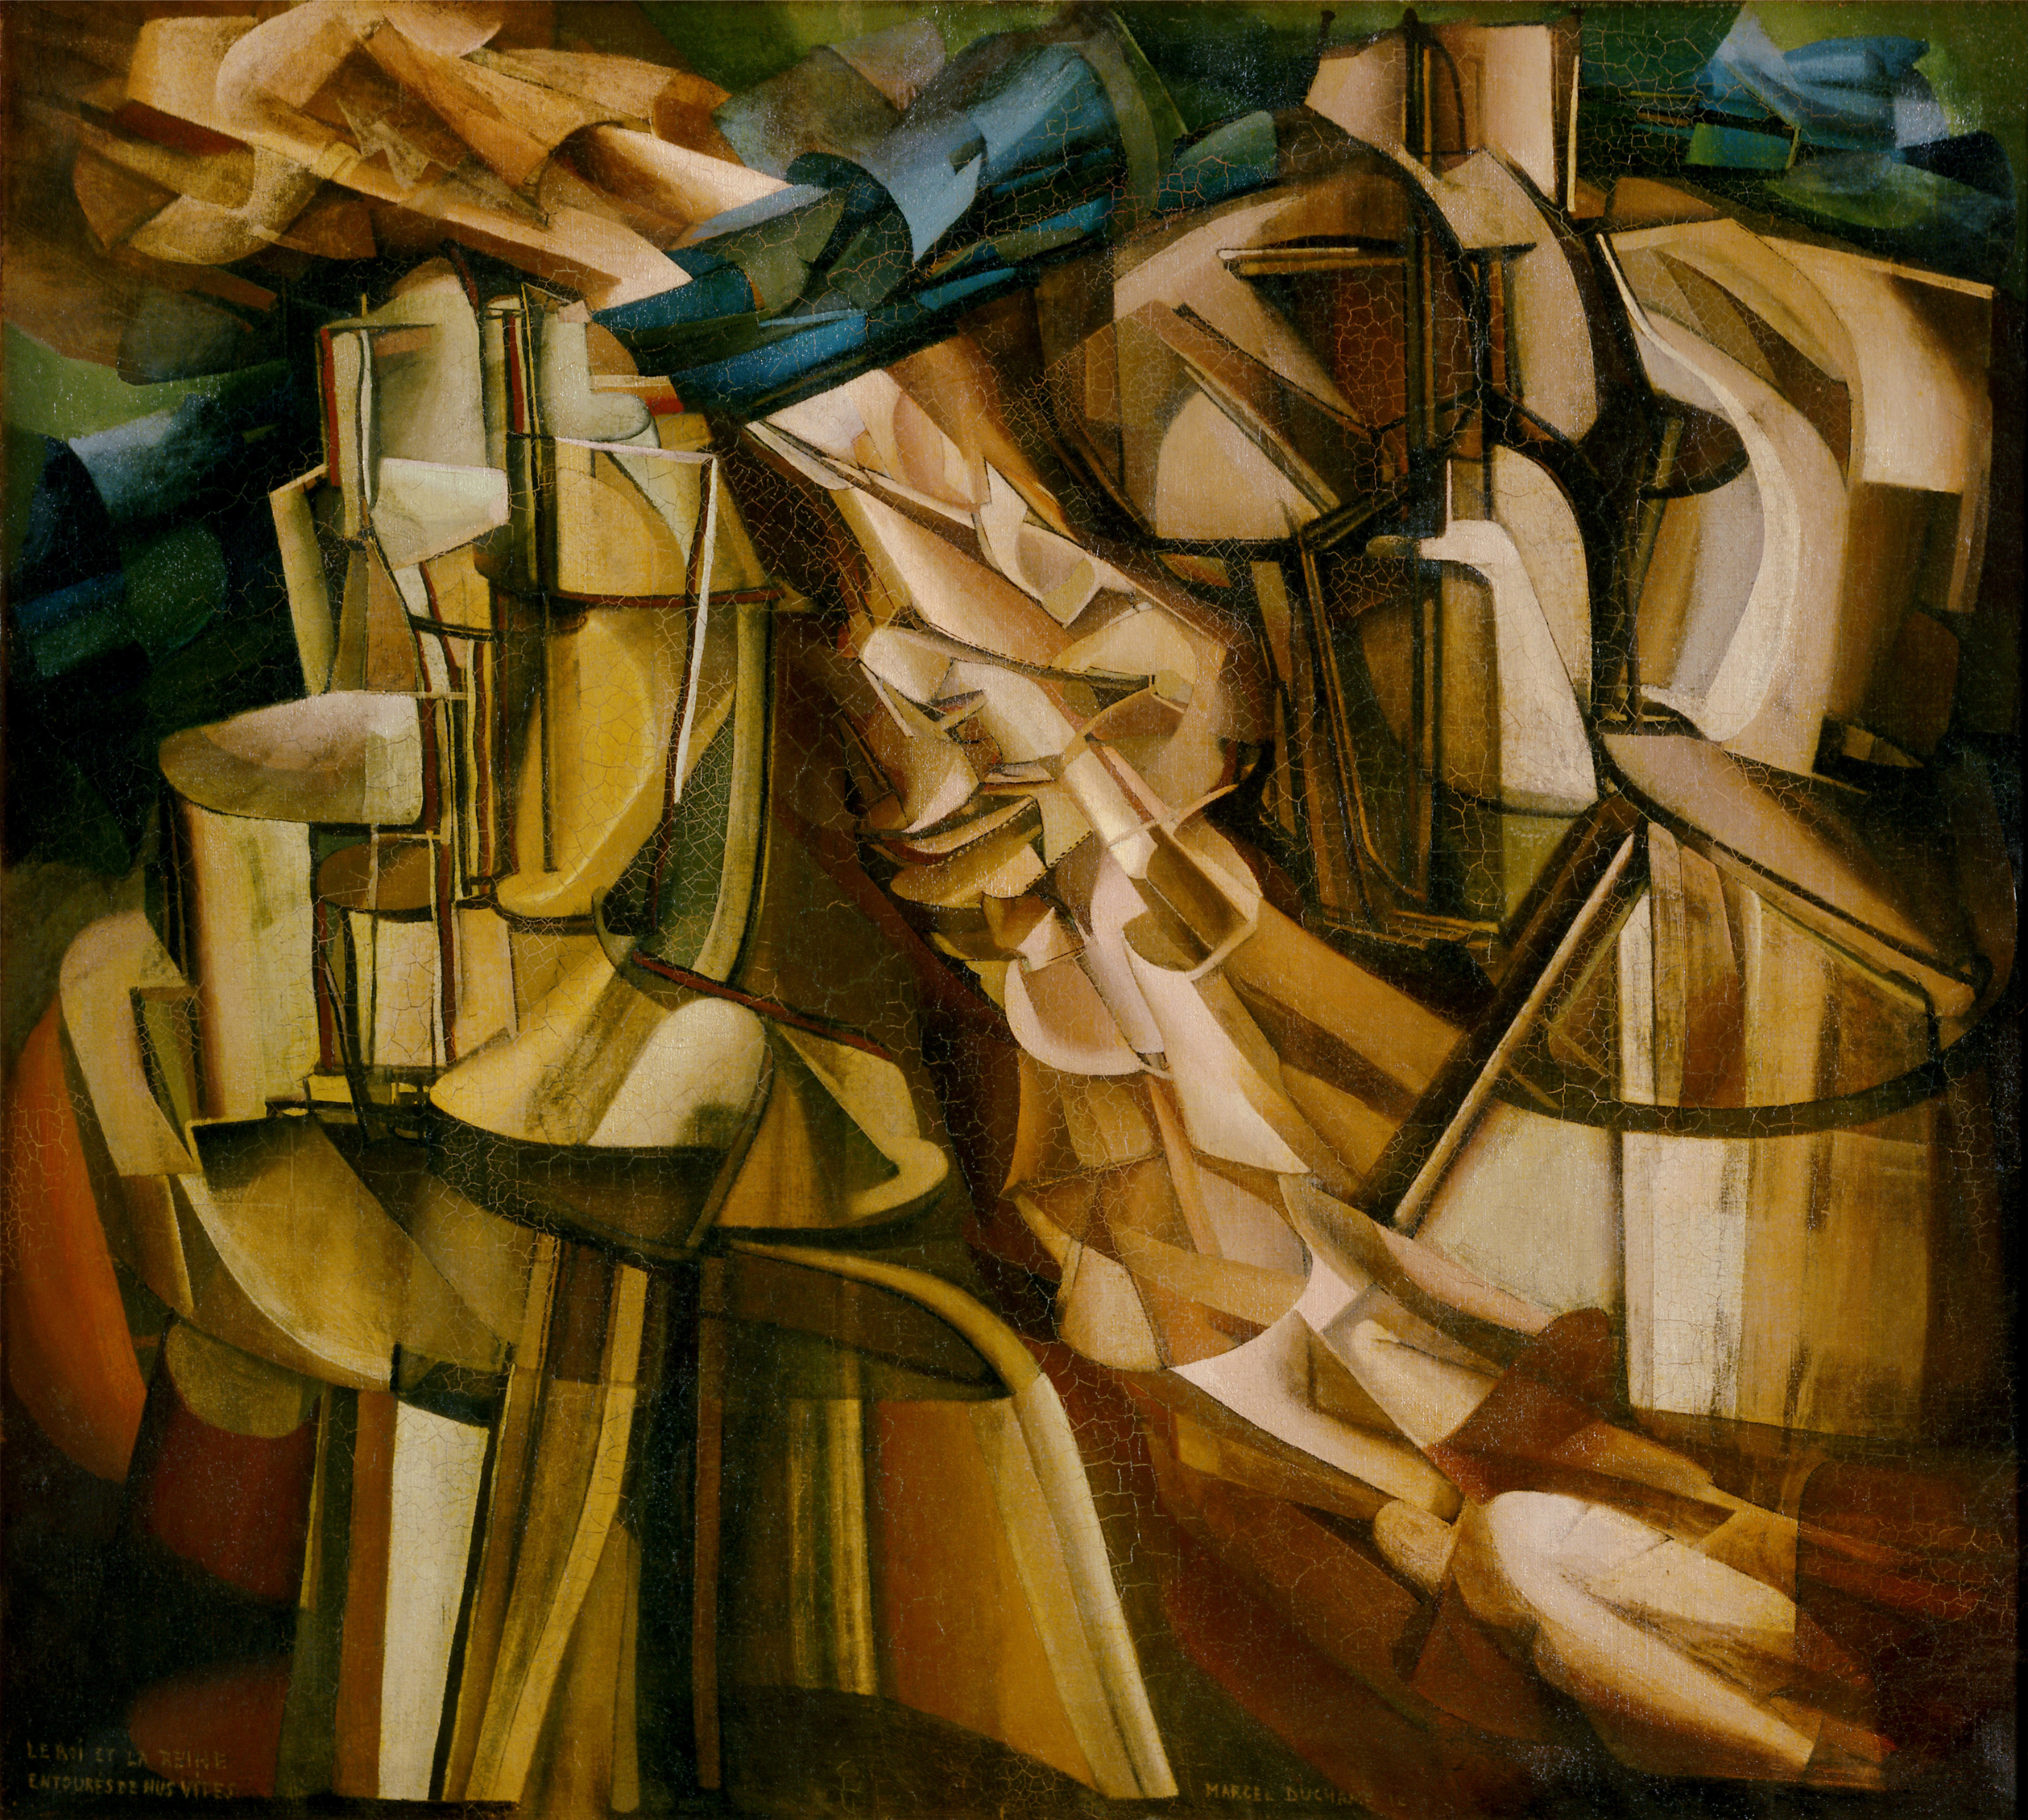 File:Marcel Duchamp, 1912, Le Roi et la Reine entourés de